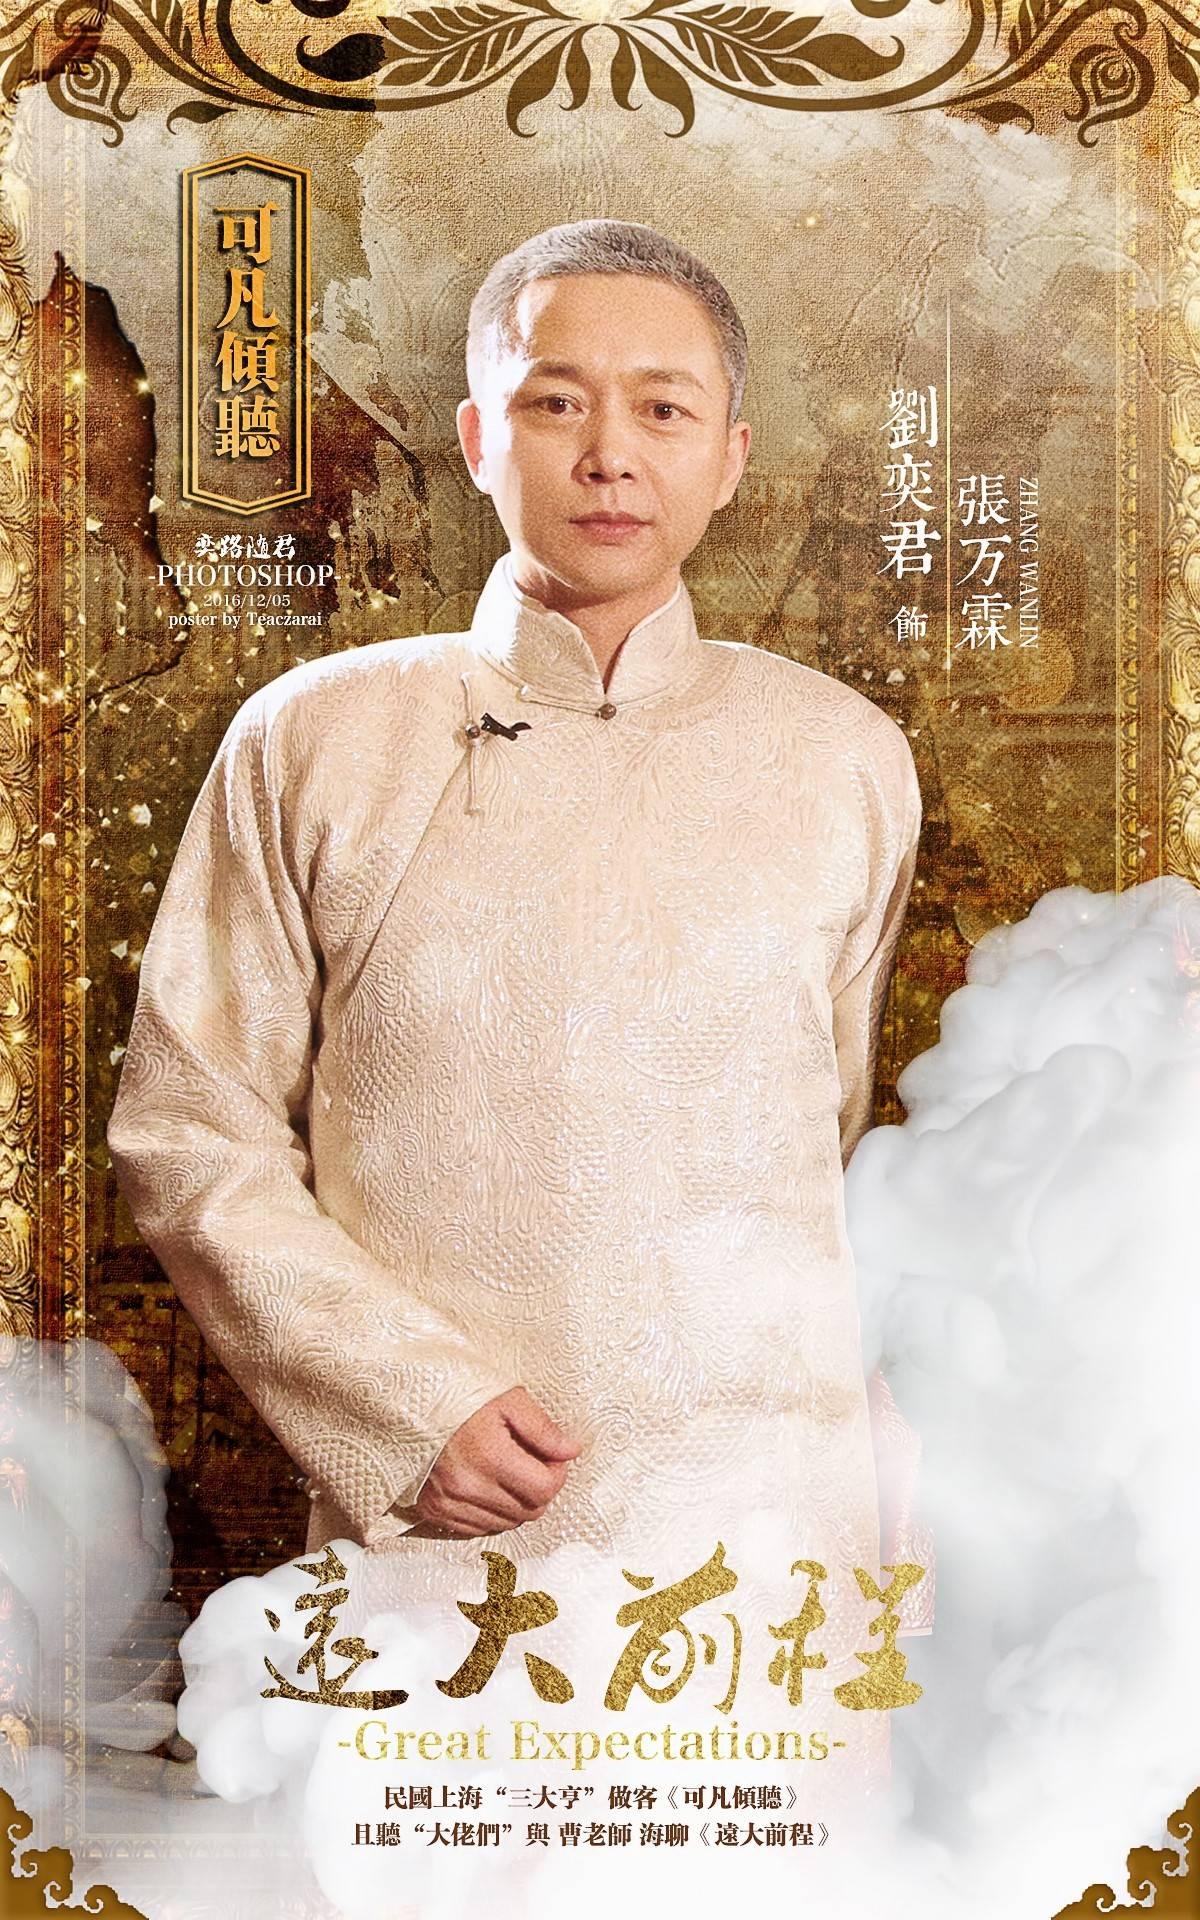 《远大前程》刘奕君版海报.jpg